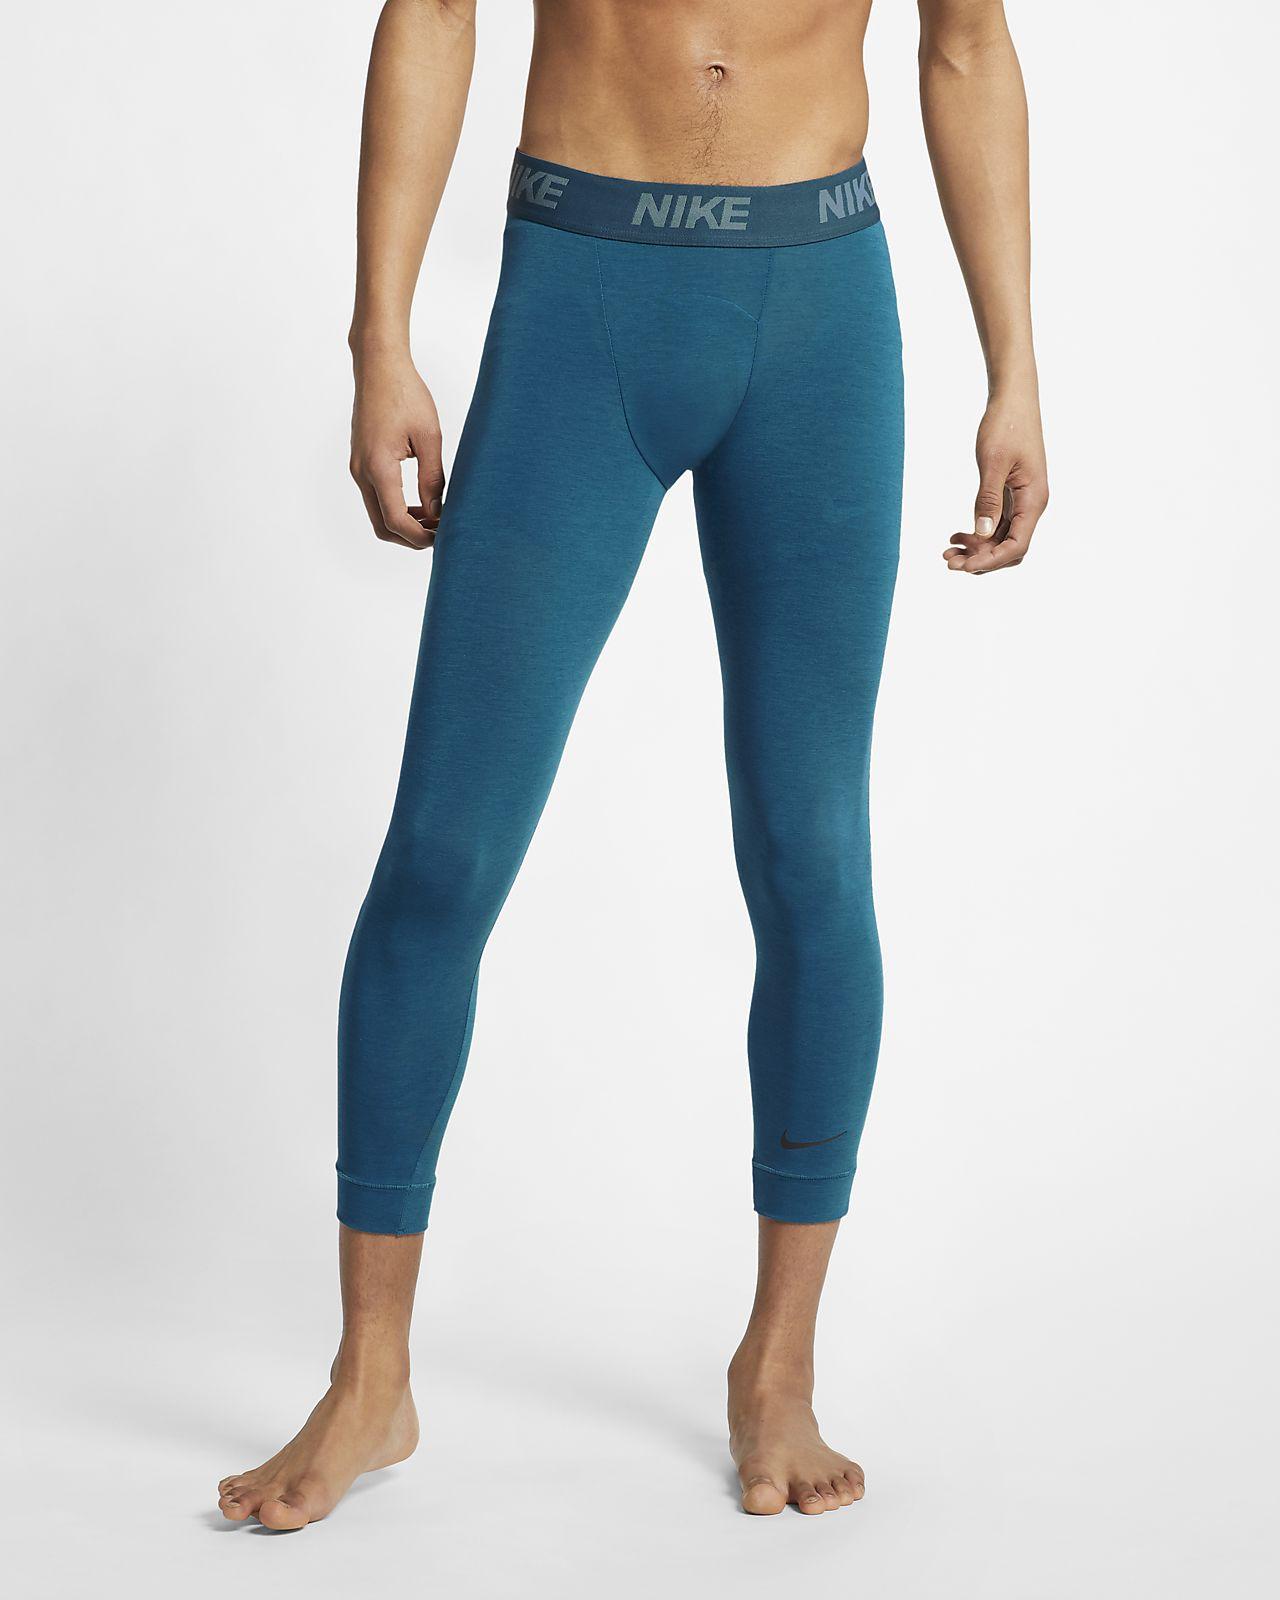 Nike Dri-FIT Malles de 3/4 d'entrenament de ioga - Home